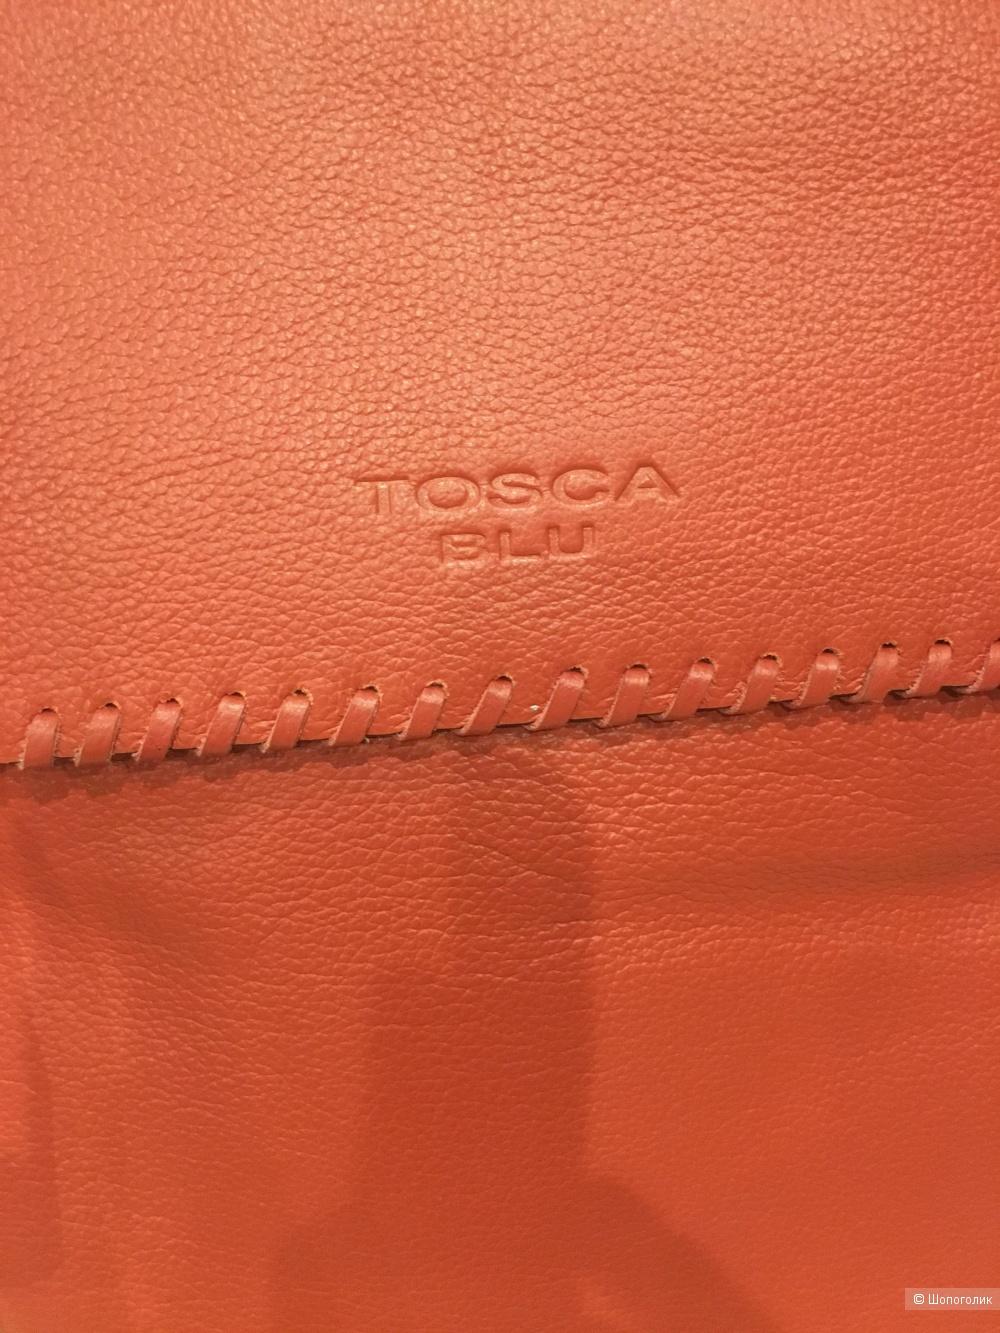 Сумка-хобо Tosca Blu